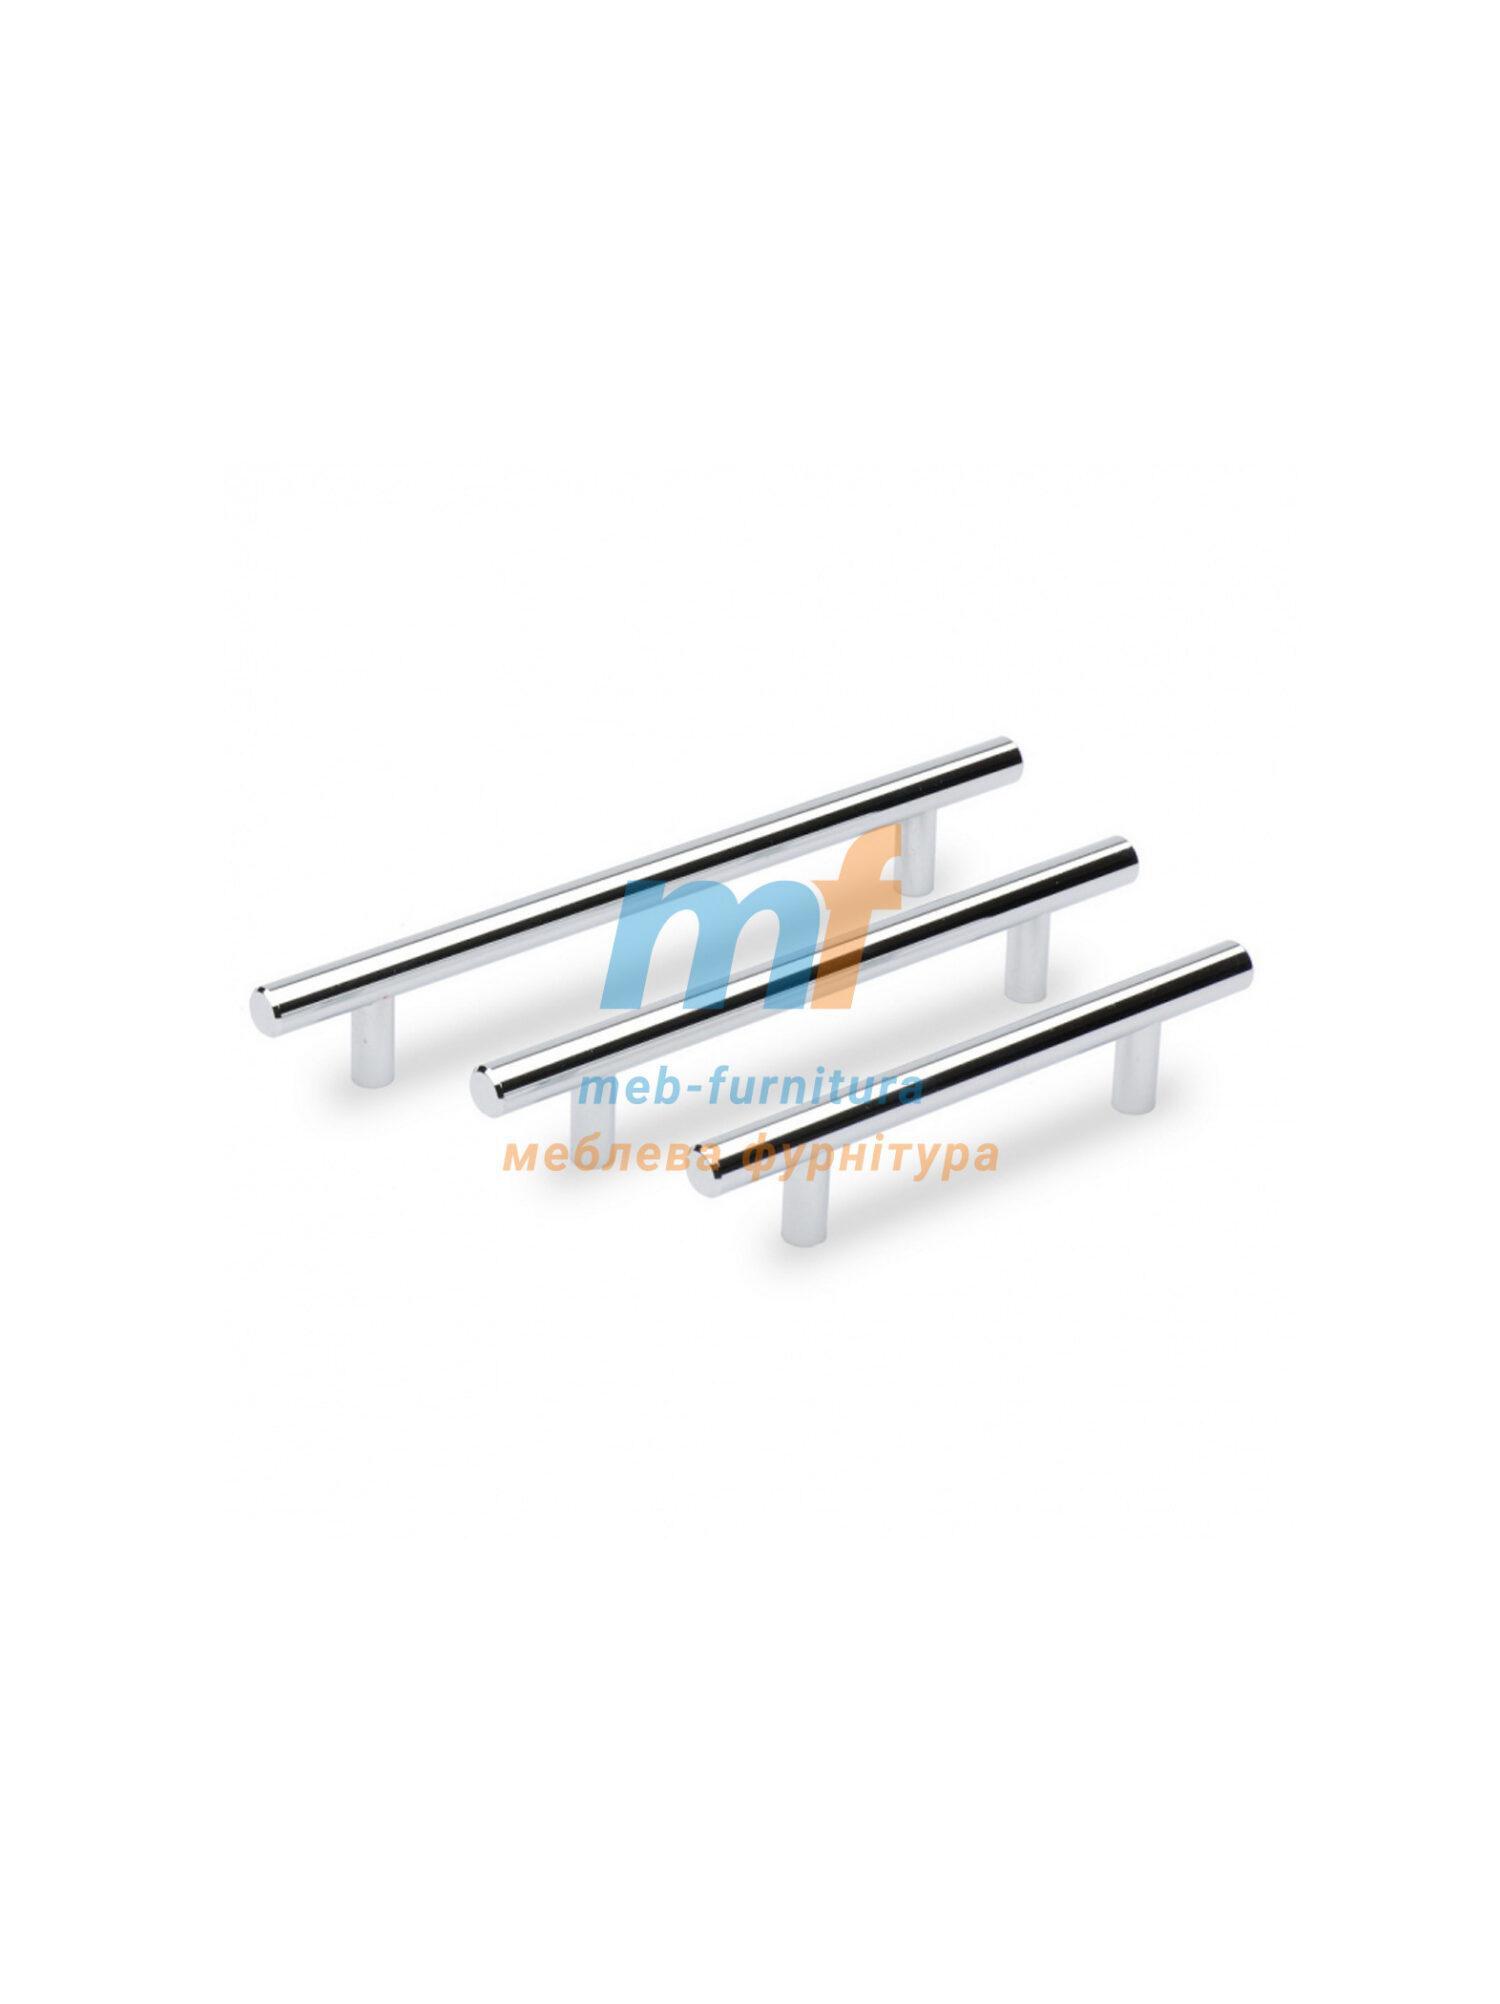 Ручка мебельная релинг 384мм - хром